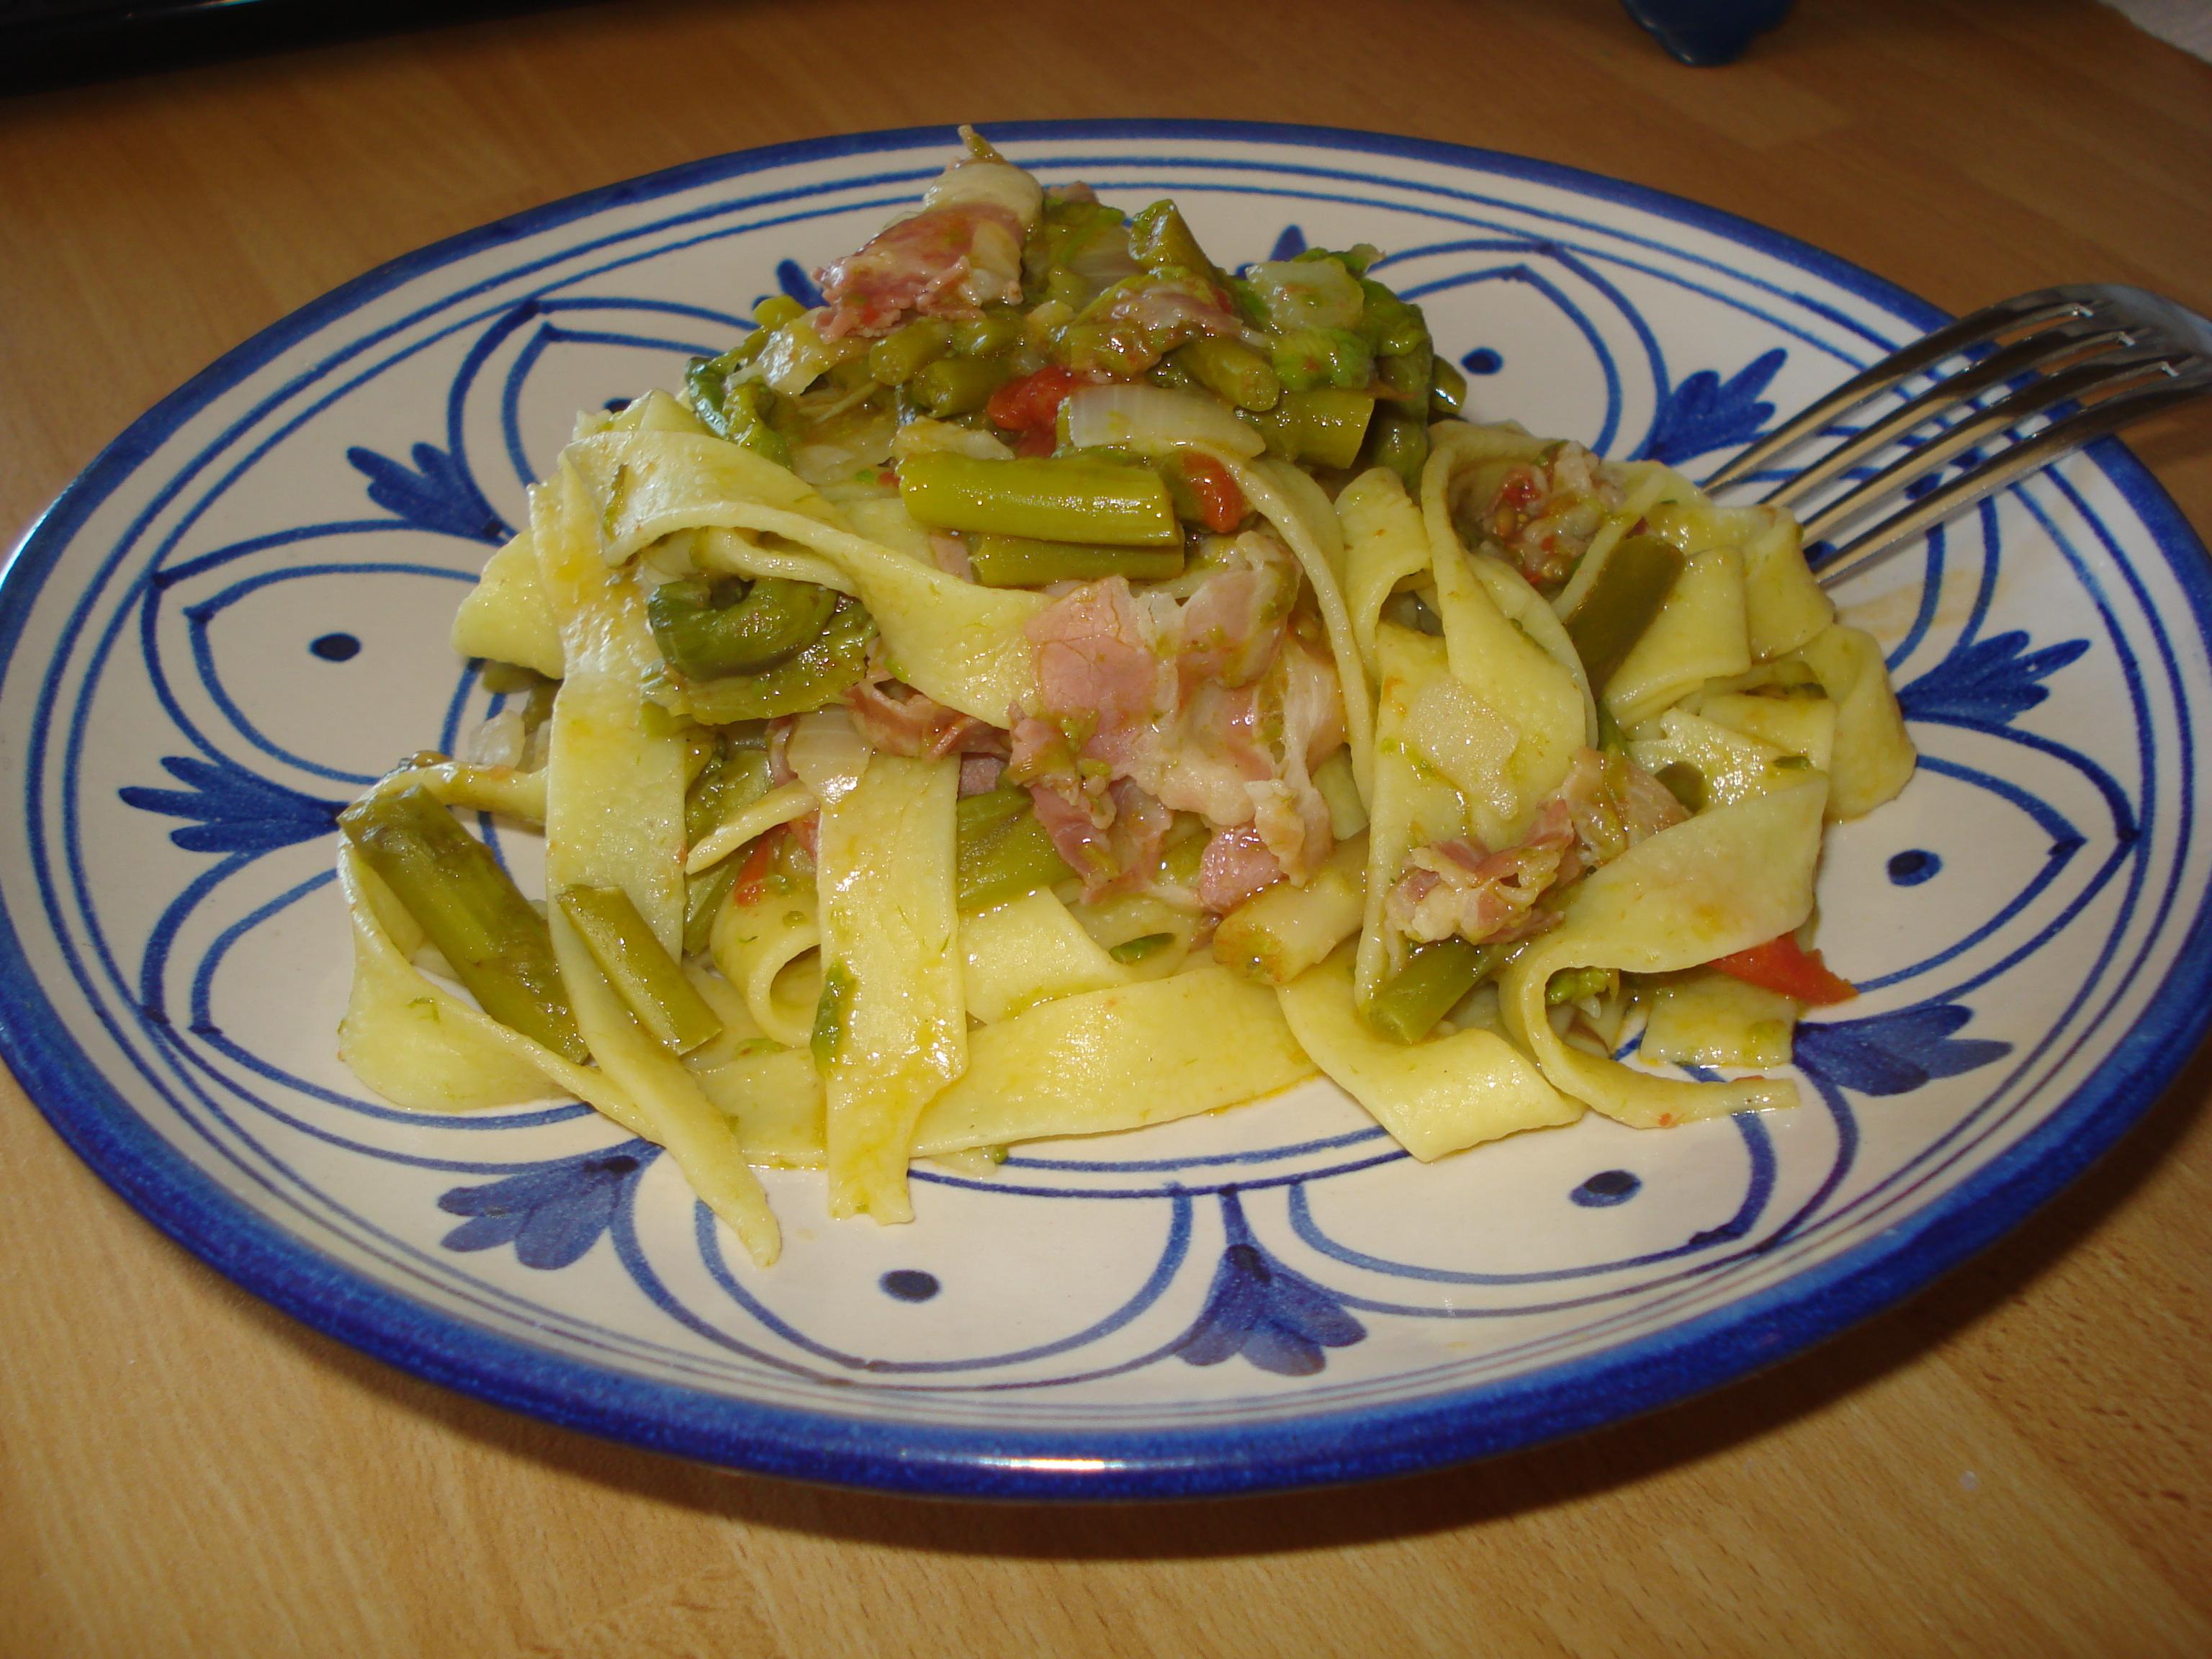 ricerca ricette con primi piatti veloci ma gustosi